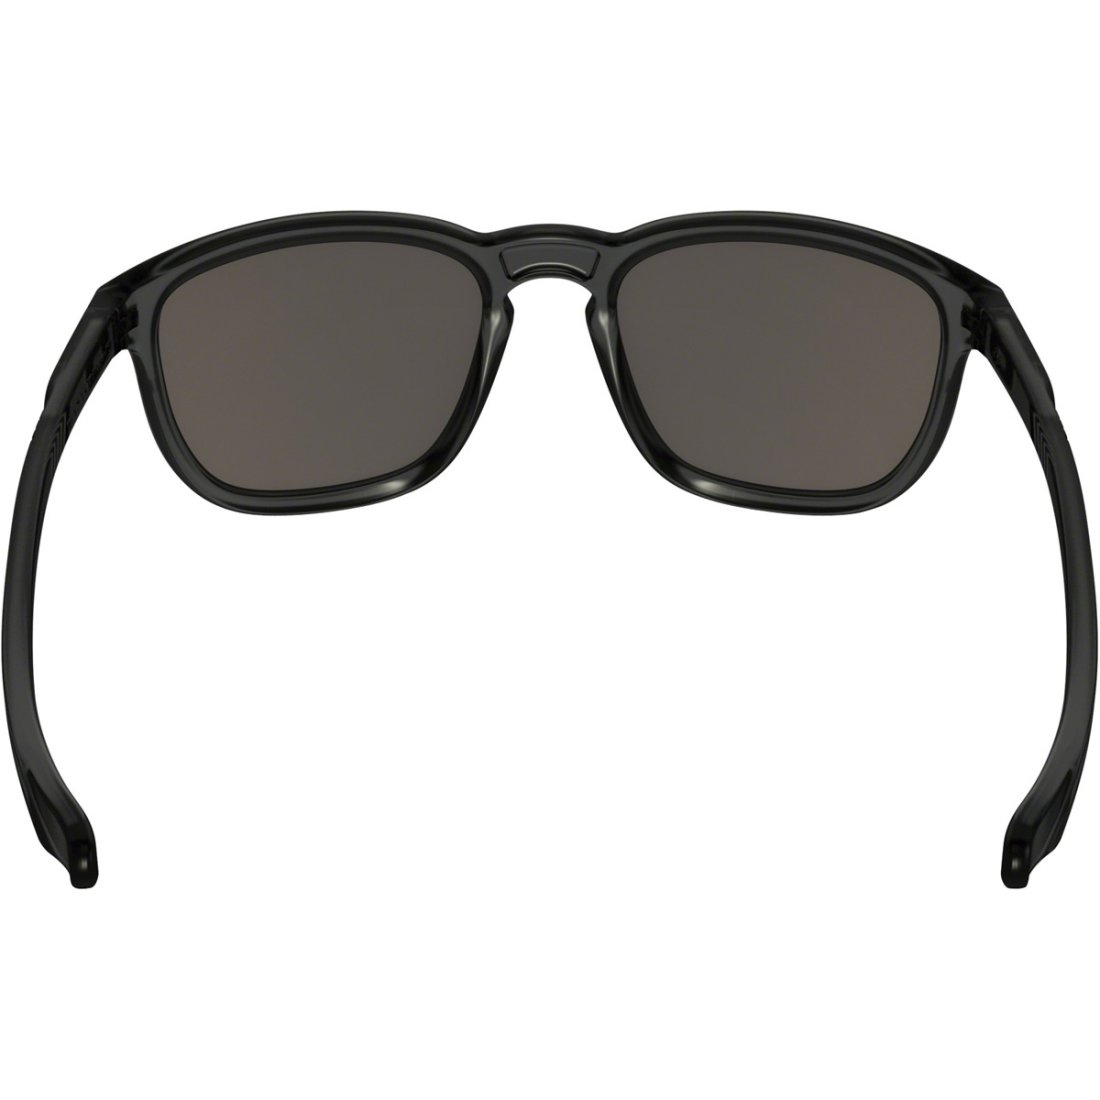 f8298ad86f OAKLEY Enduro Matte Gray Smoke   Gray Sun glasses · Motocard